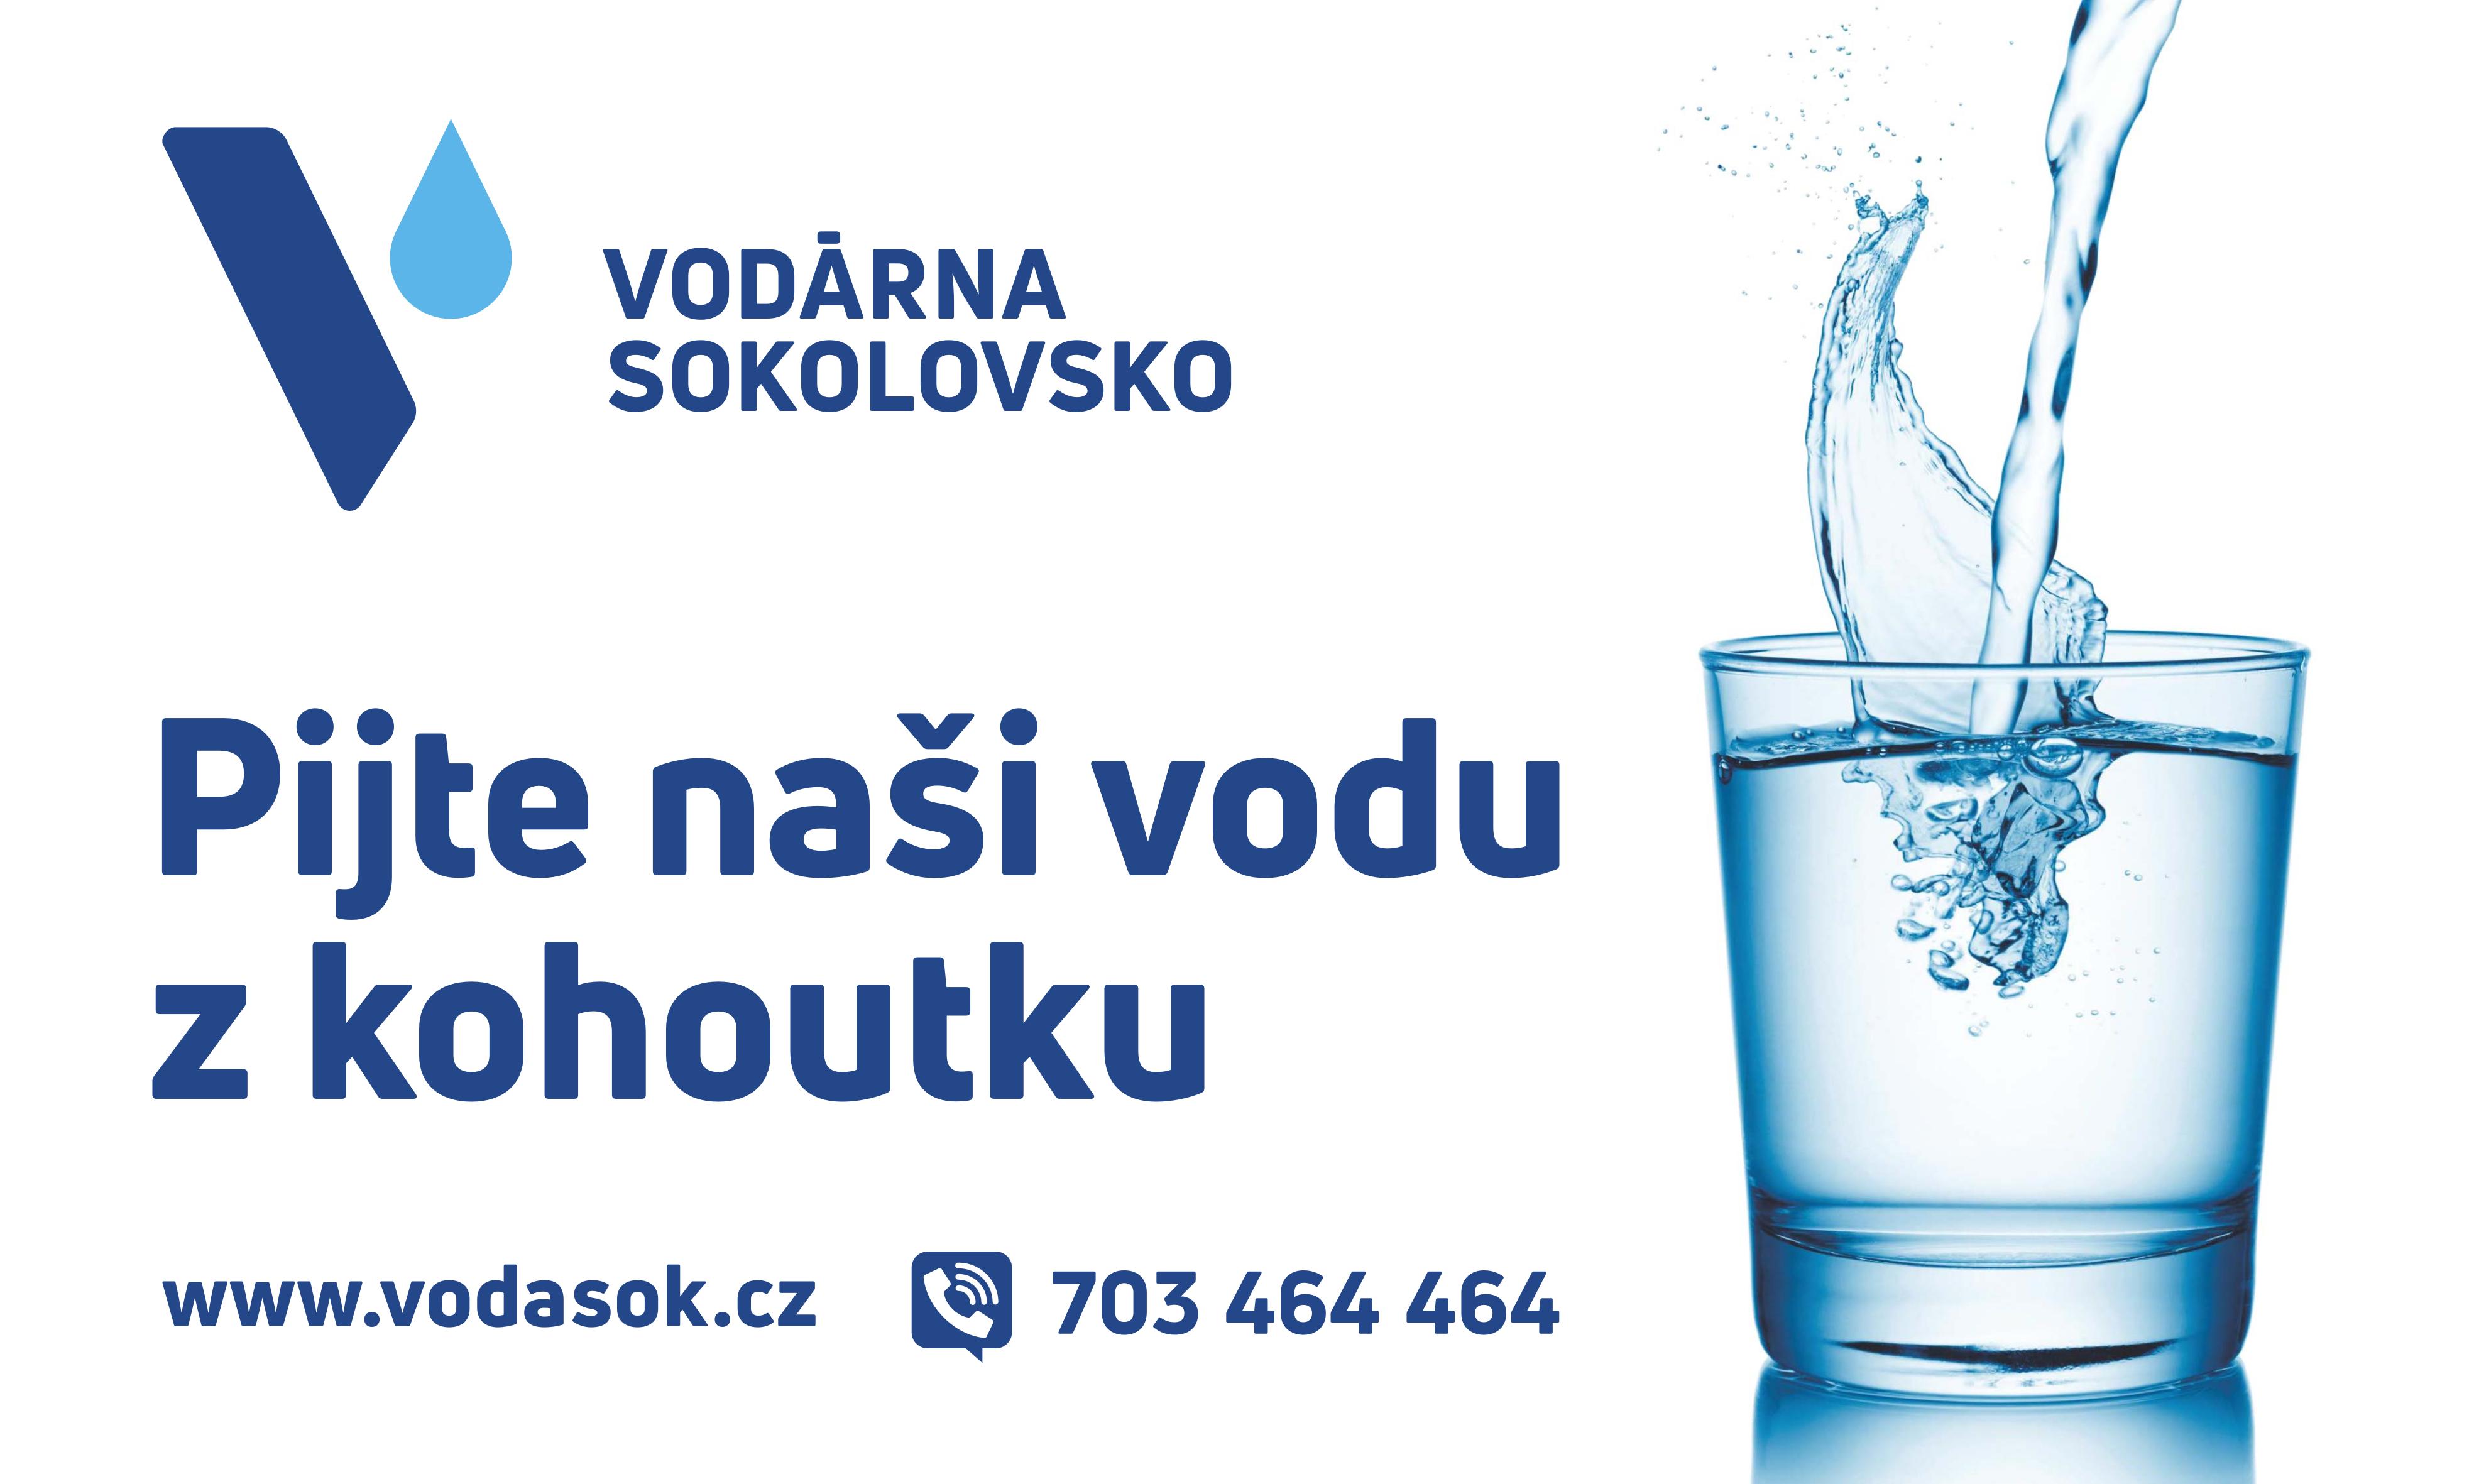 Vodárna Sokolovsko, s.r.o.